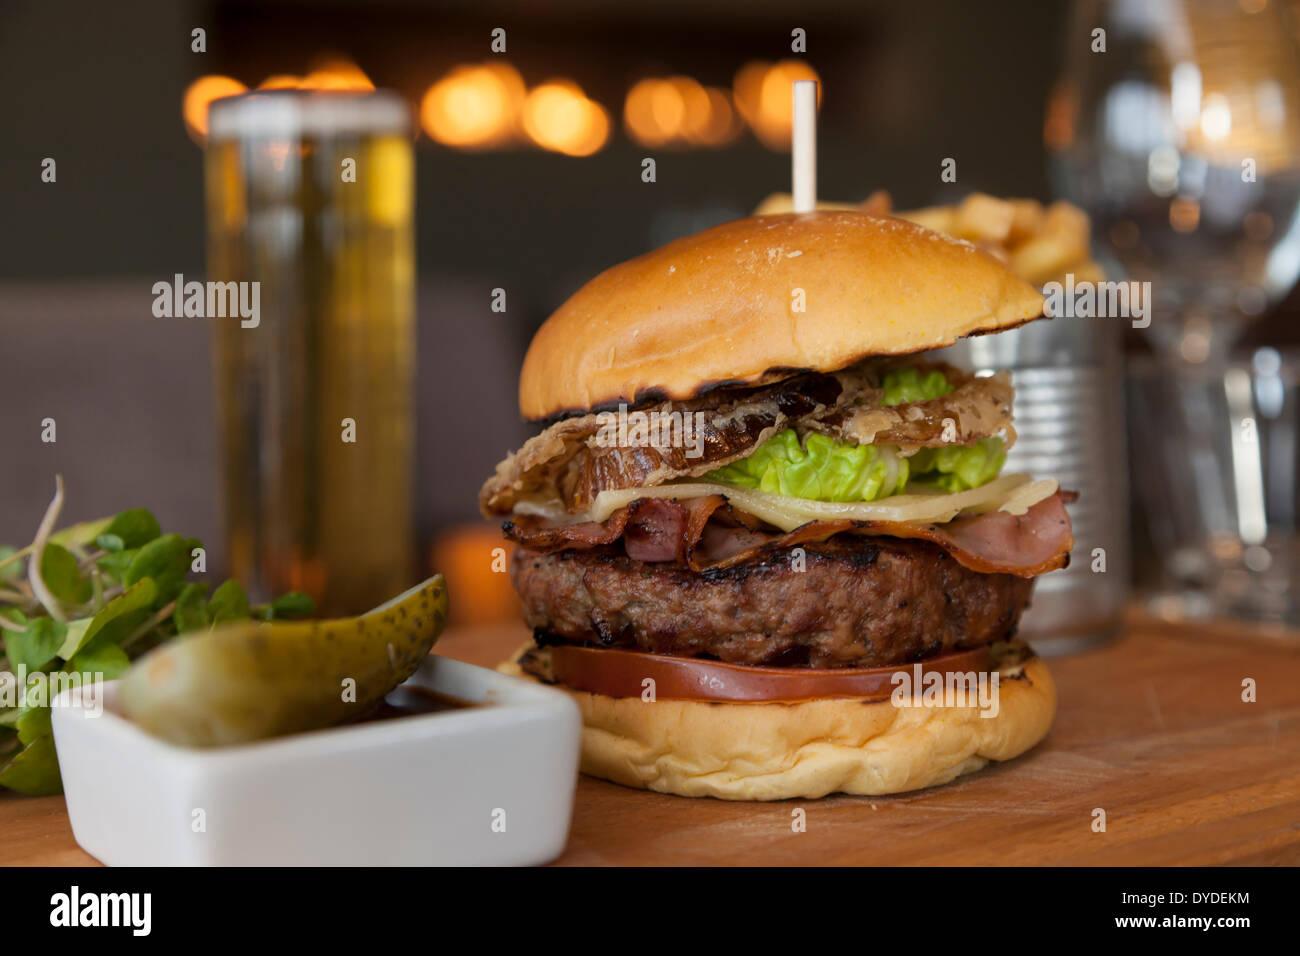 Gourmet burger. - Stock Image